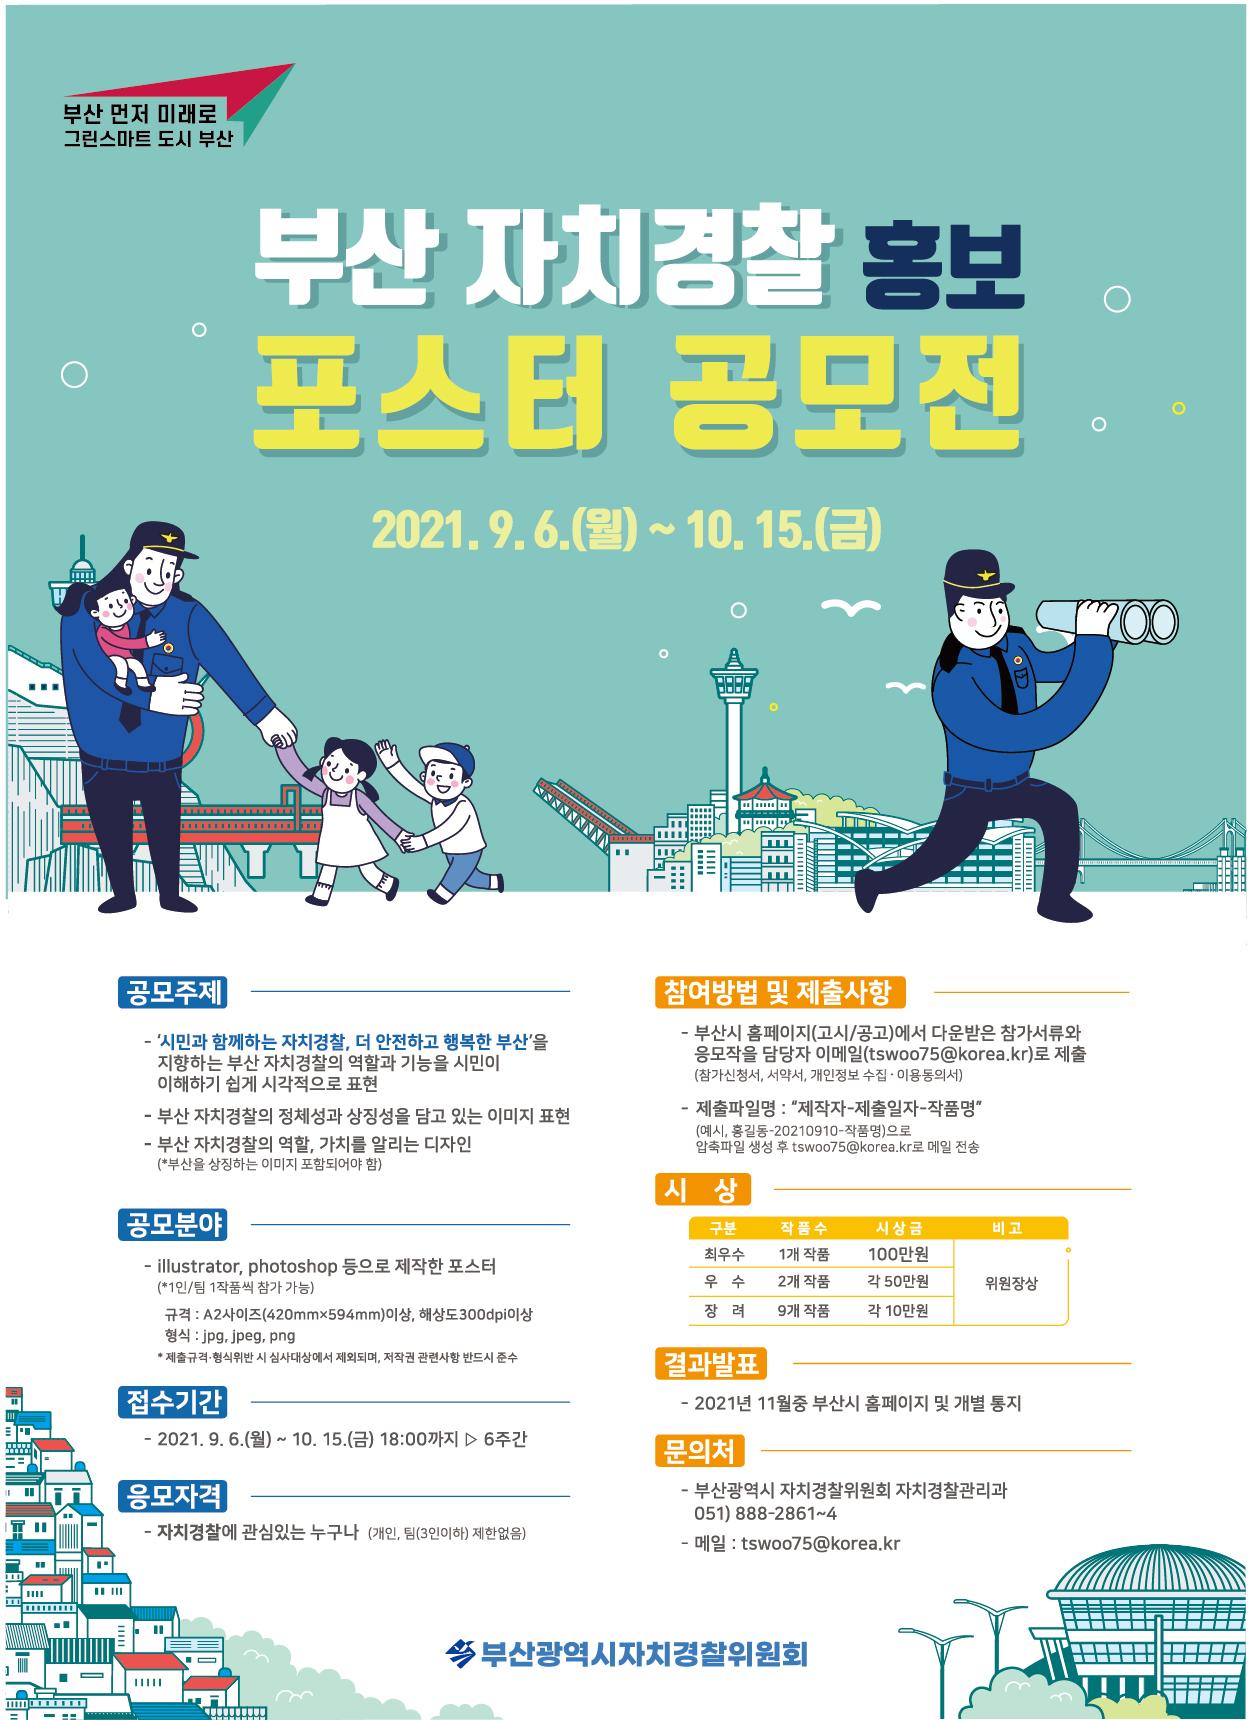 [부산광역시자치경찰위원회] 부산 자치경찰 홍보 포스터 공모전